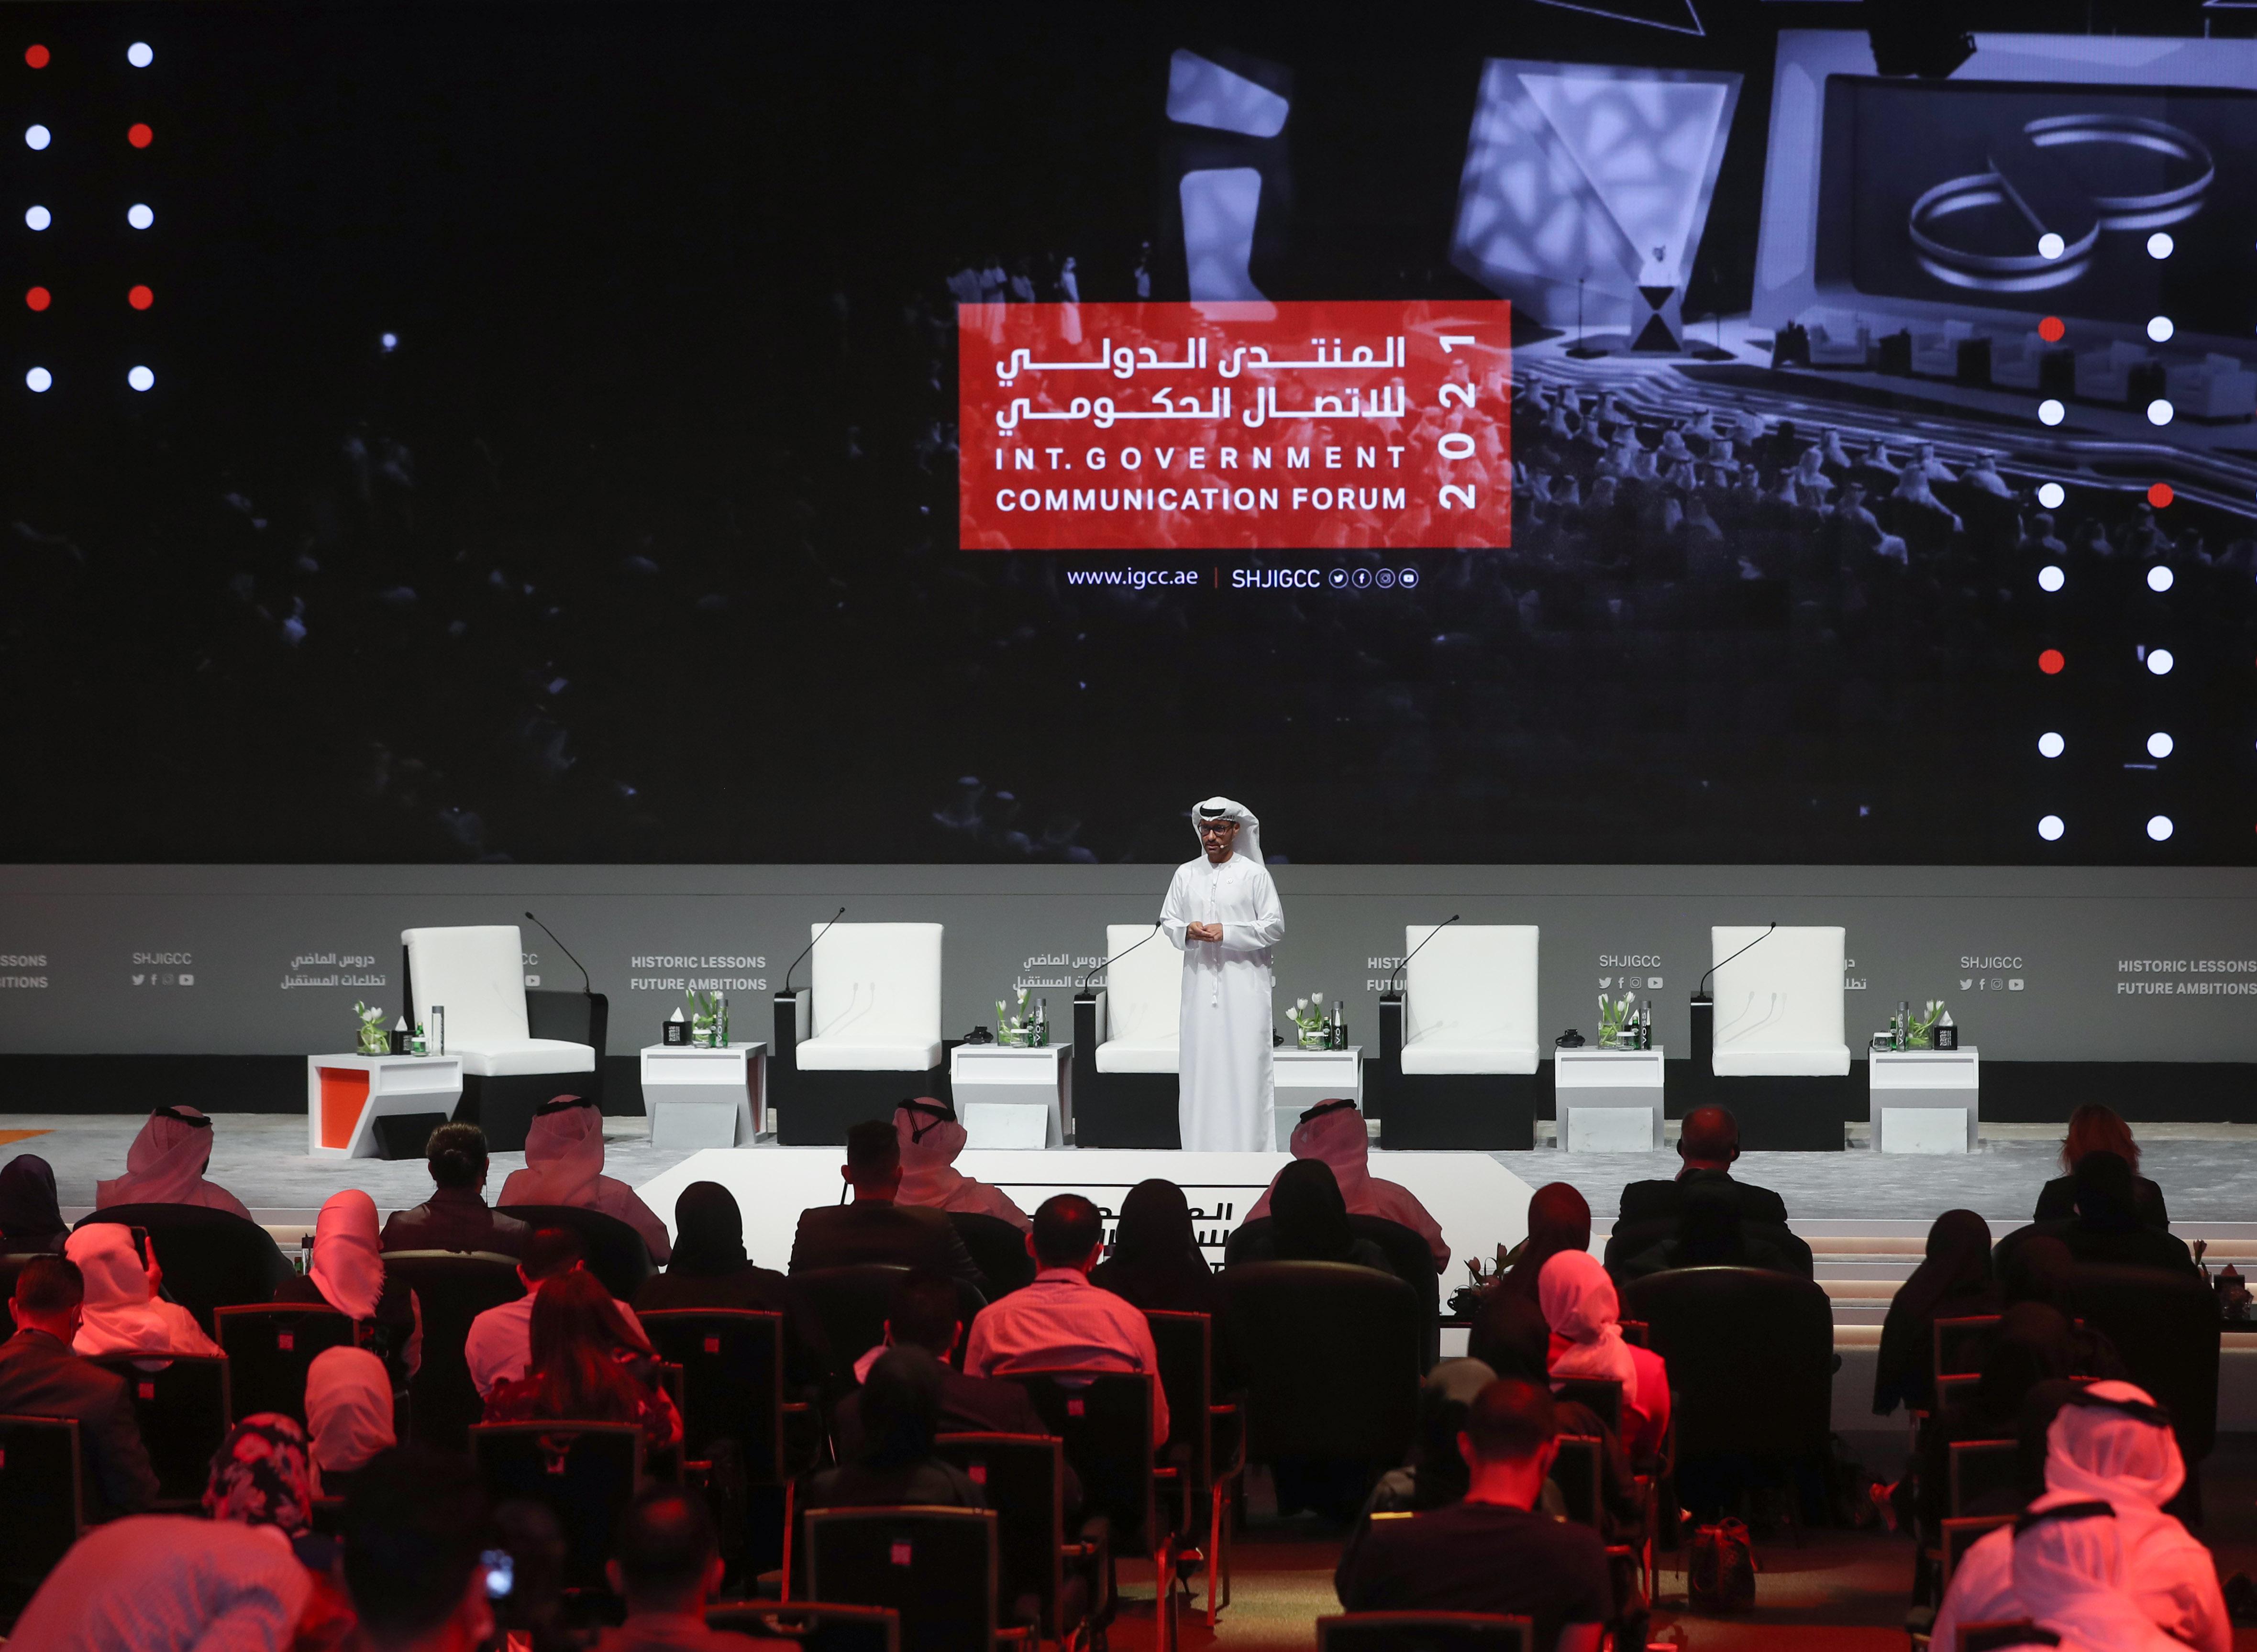 رئيس الأمن السيبراني : الاتصال الحكومي وسيلة فعالة لنشر ثقافة الأمن الرقمي